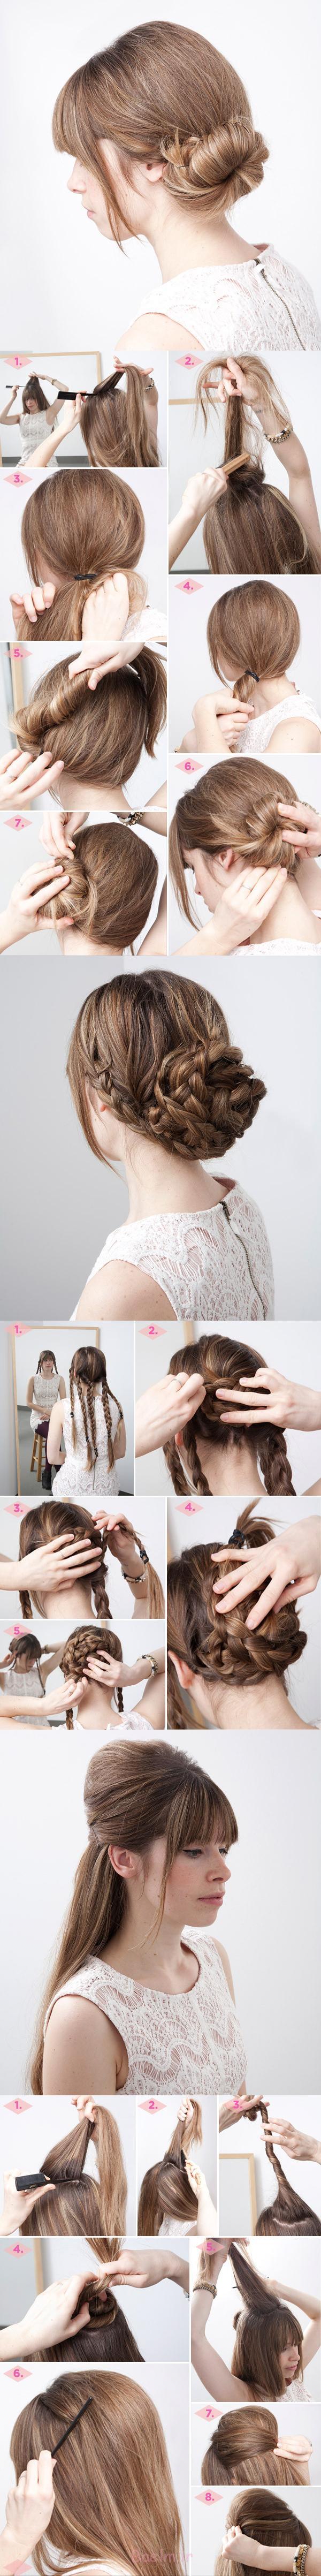 آه ساده مستی مدل مو آموزش 3 در 1 مدل موهای آموزش شگفت انگیز 13 ساده مدل مو مستی